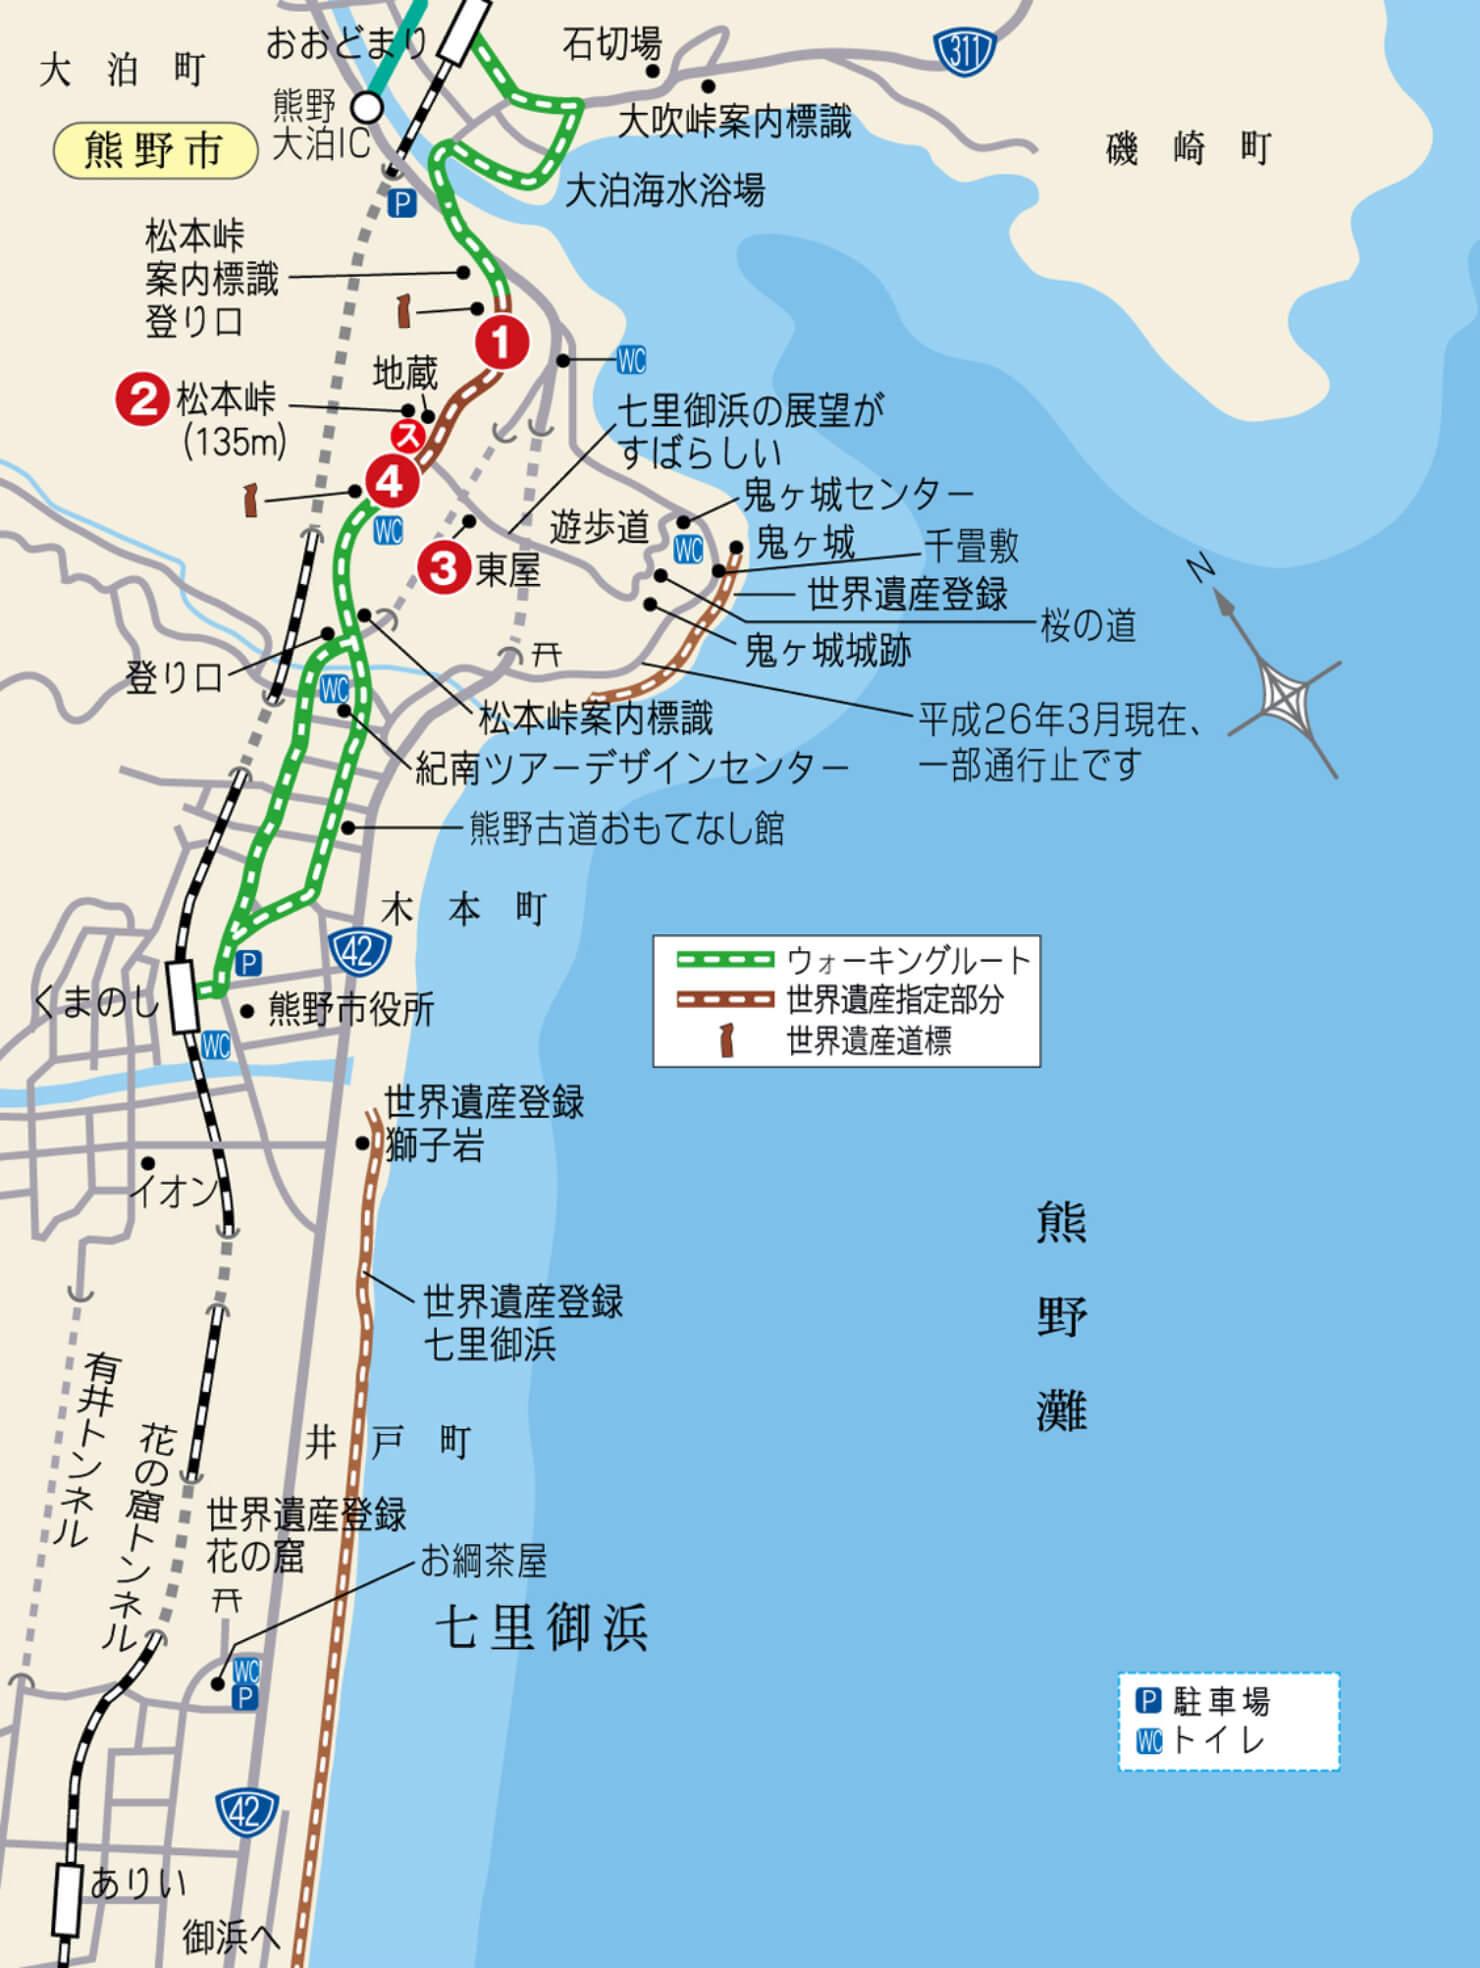 松本峠道地図